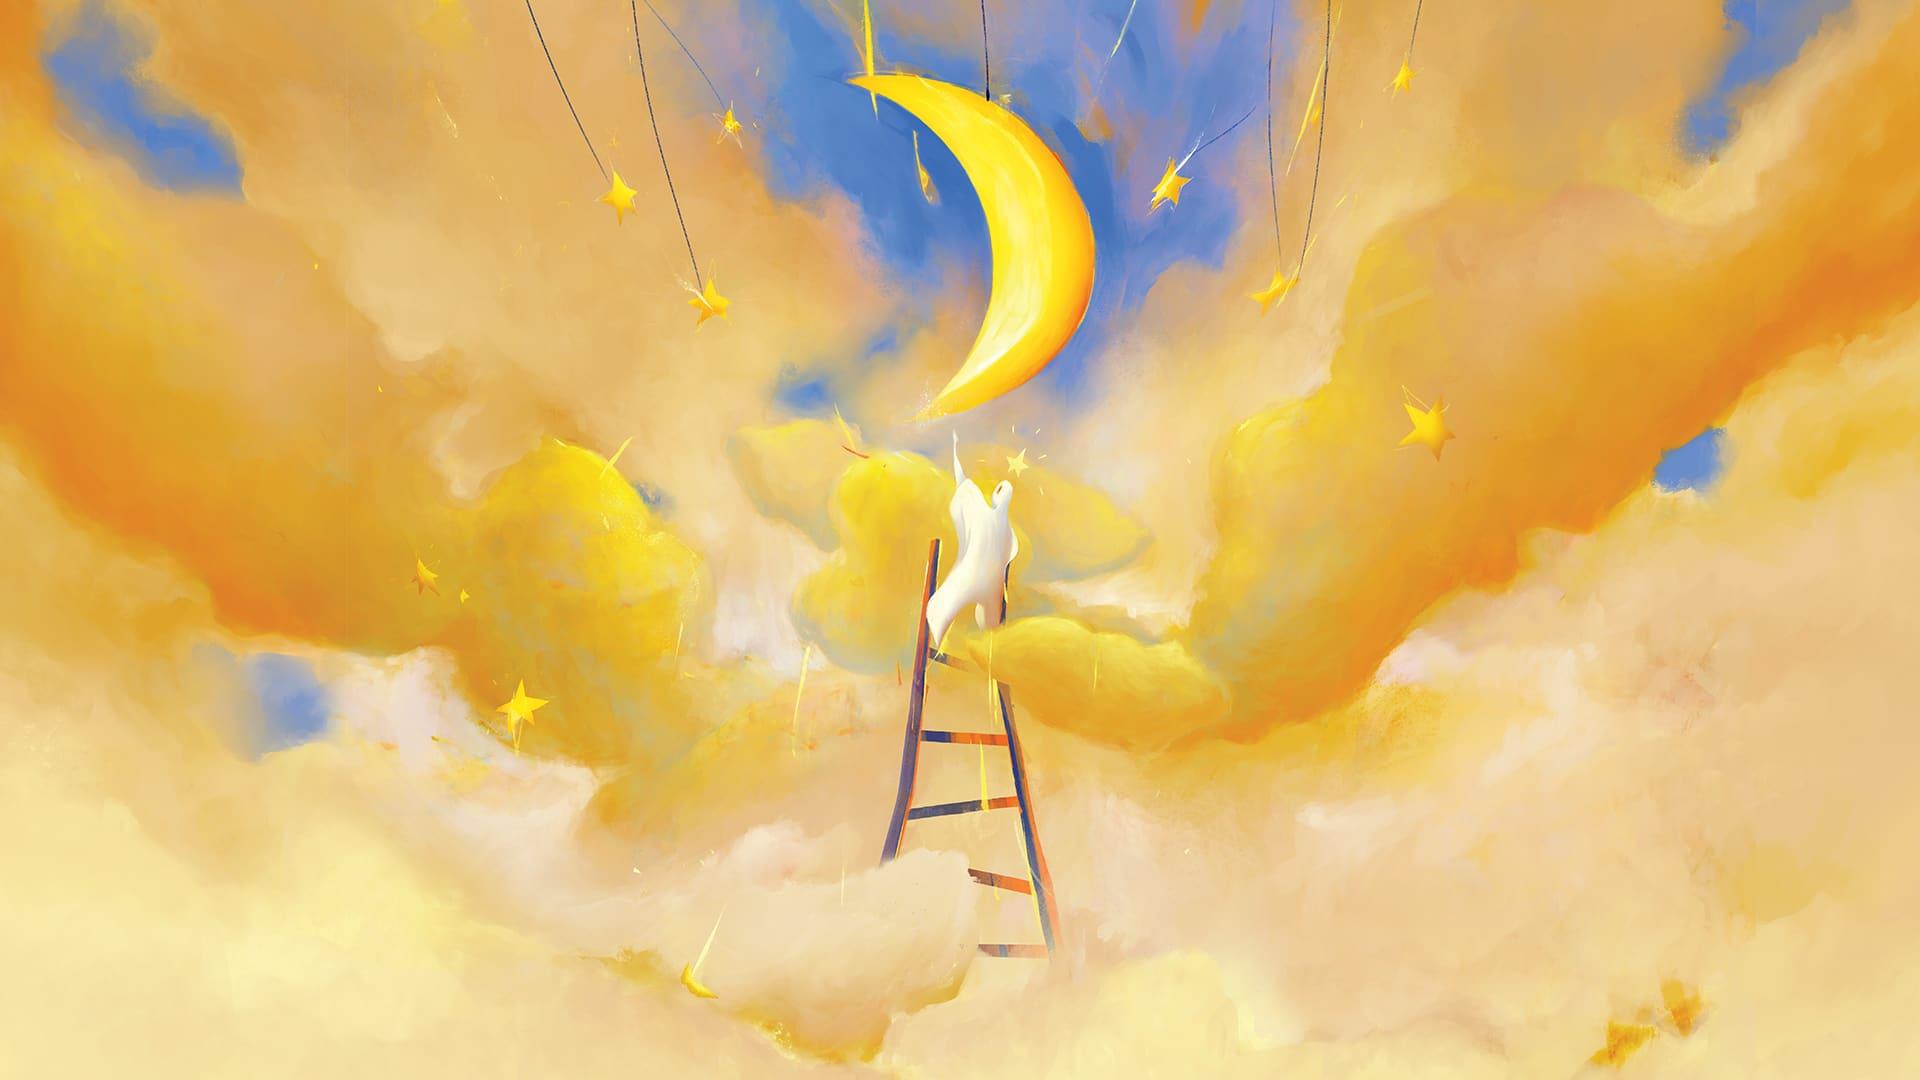 Décrocher la lune, préparez vos échelles